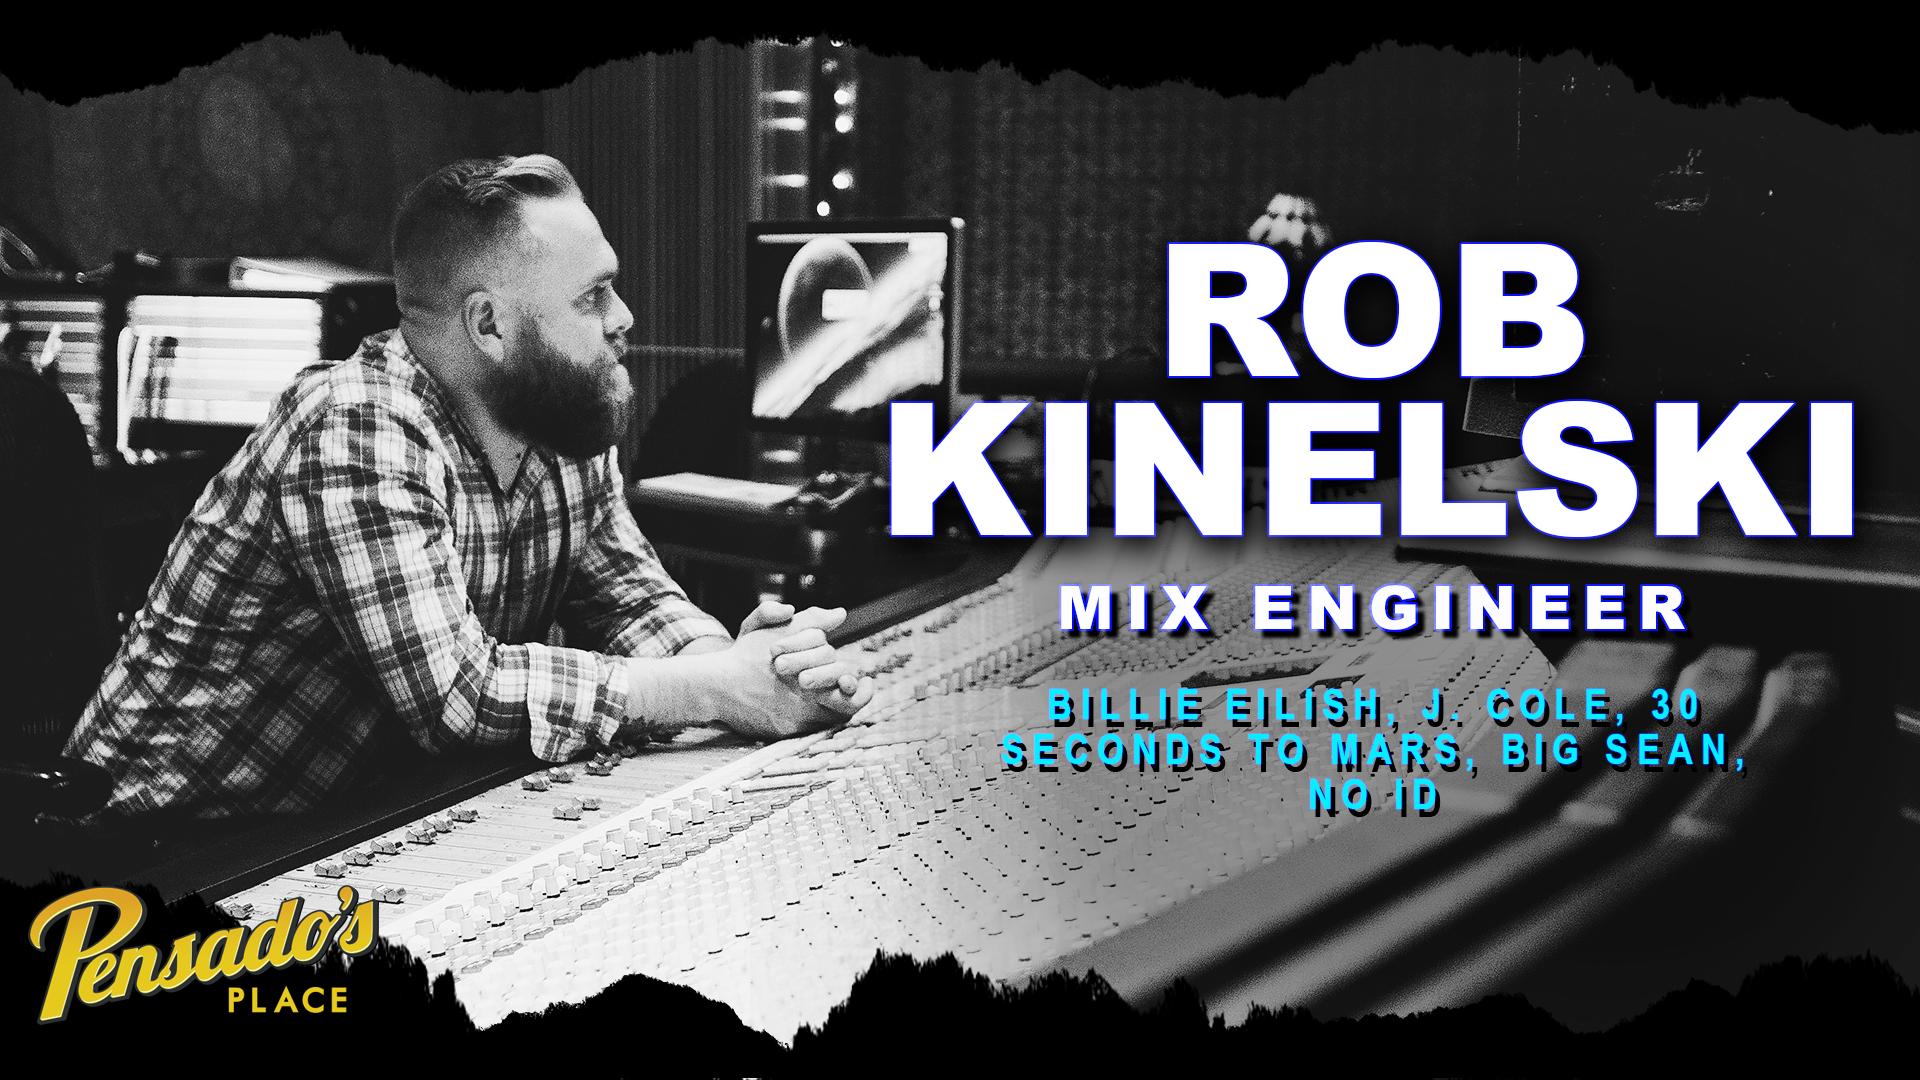 Billie Eilish Mix Engineer, Rob Kinelski